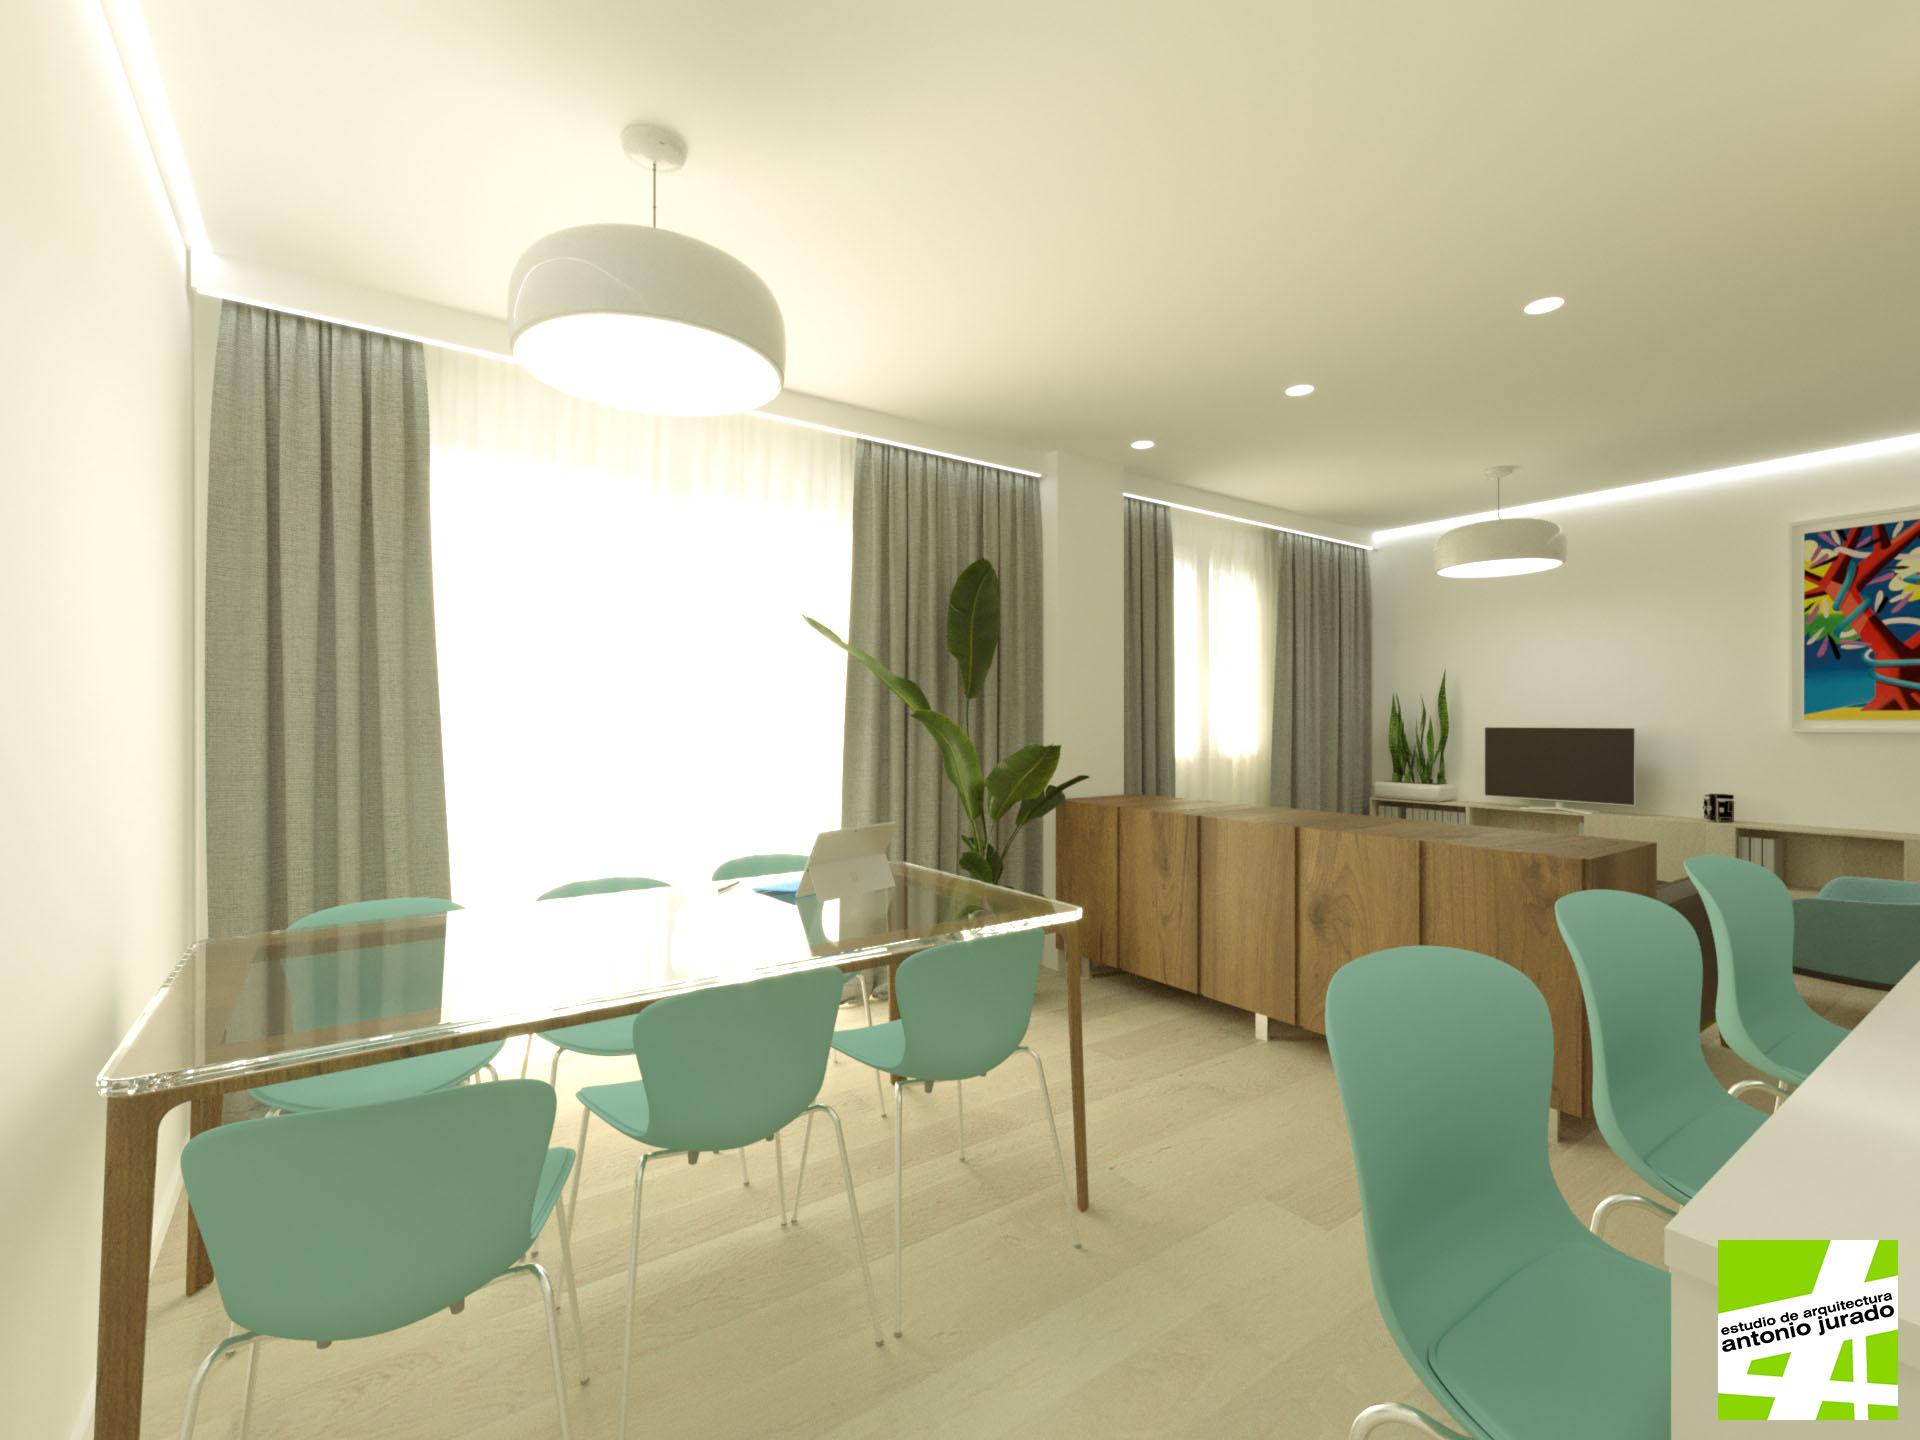 apartamento-mc-malaga-estudio-arquitectura-antonio-jurado-02